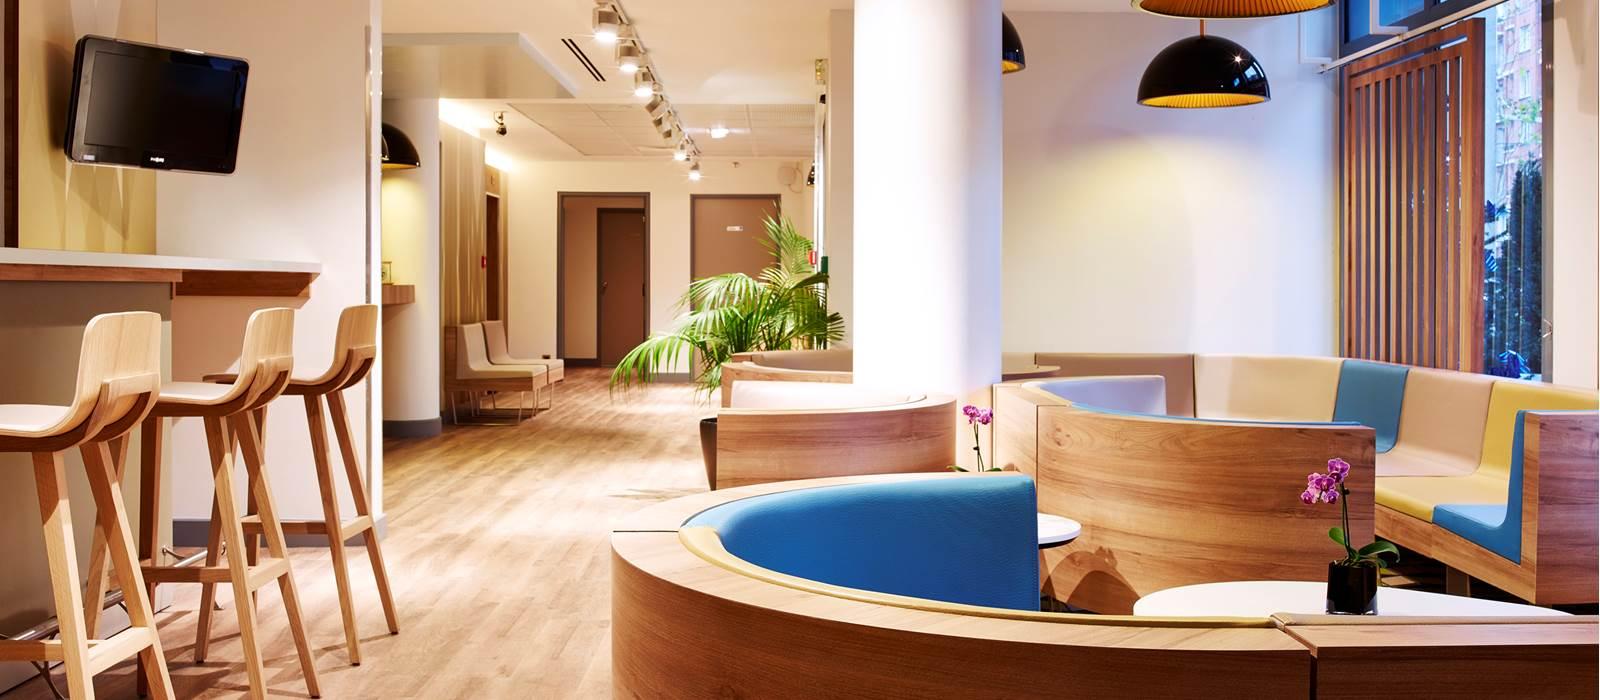 Offres sp ciales h tel median paris porte de versailles - Hotel median paris porte de versailles ...